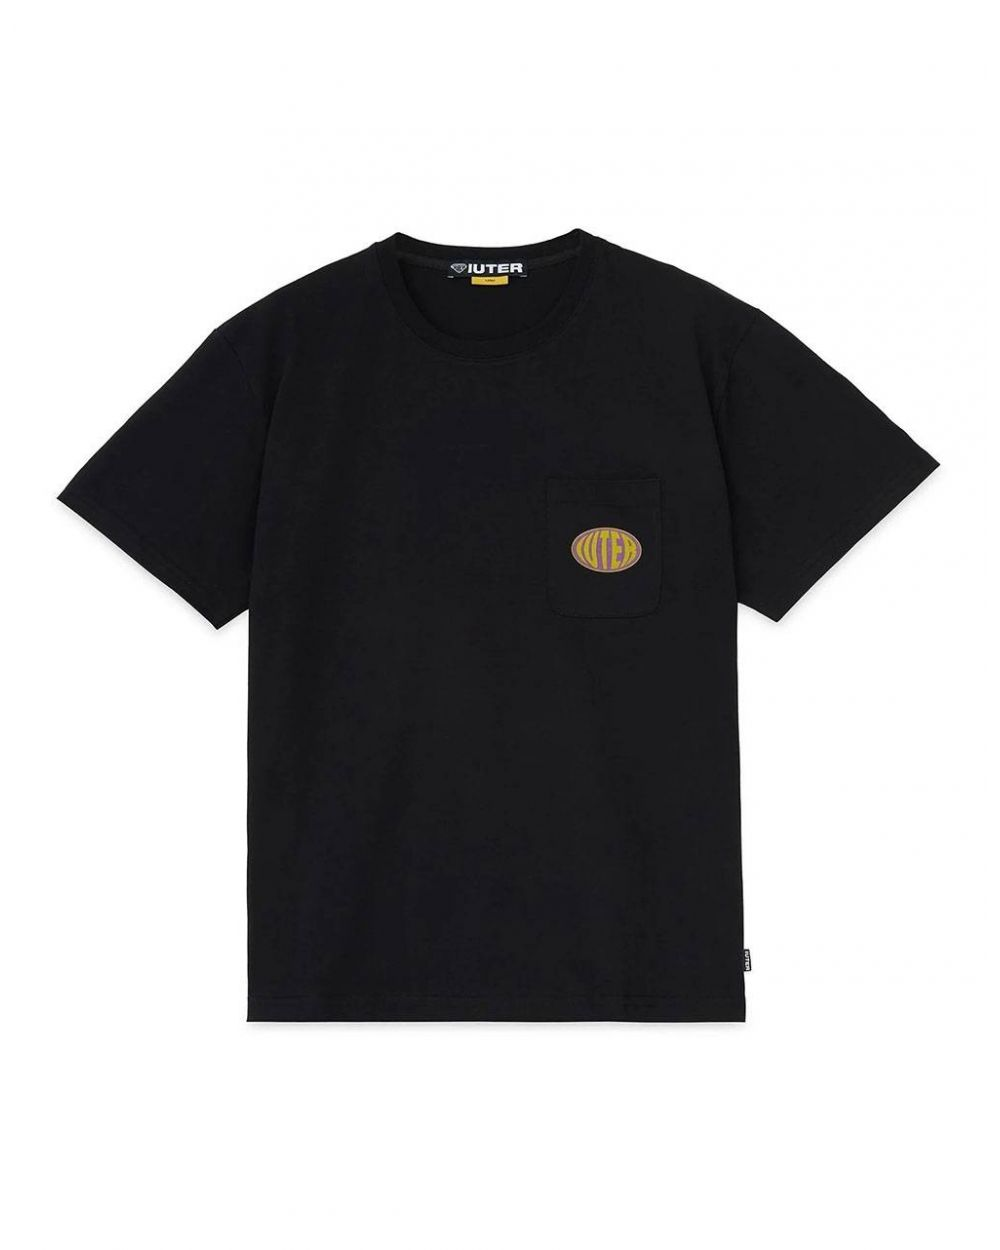 Iuter Hungry tee - black IUTER T-shirt 50,00€